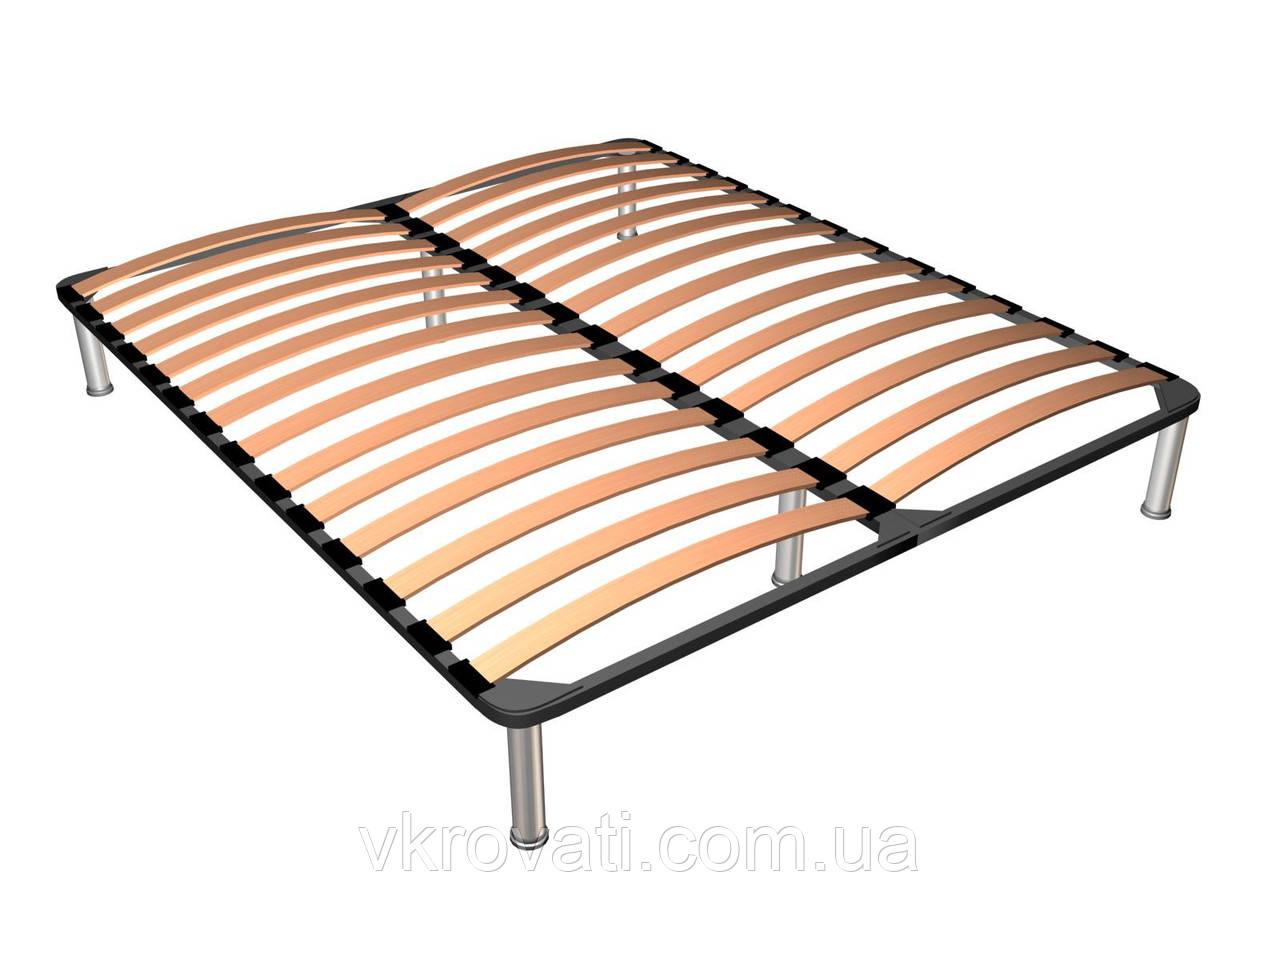 Каркас кровати 160*190 стандартный с ножками